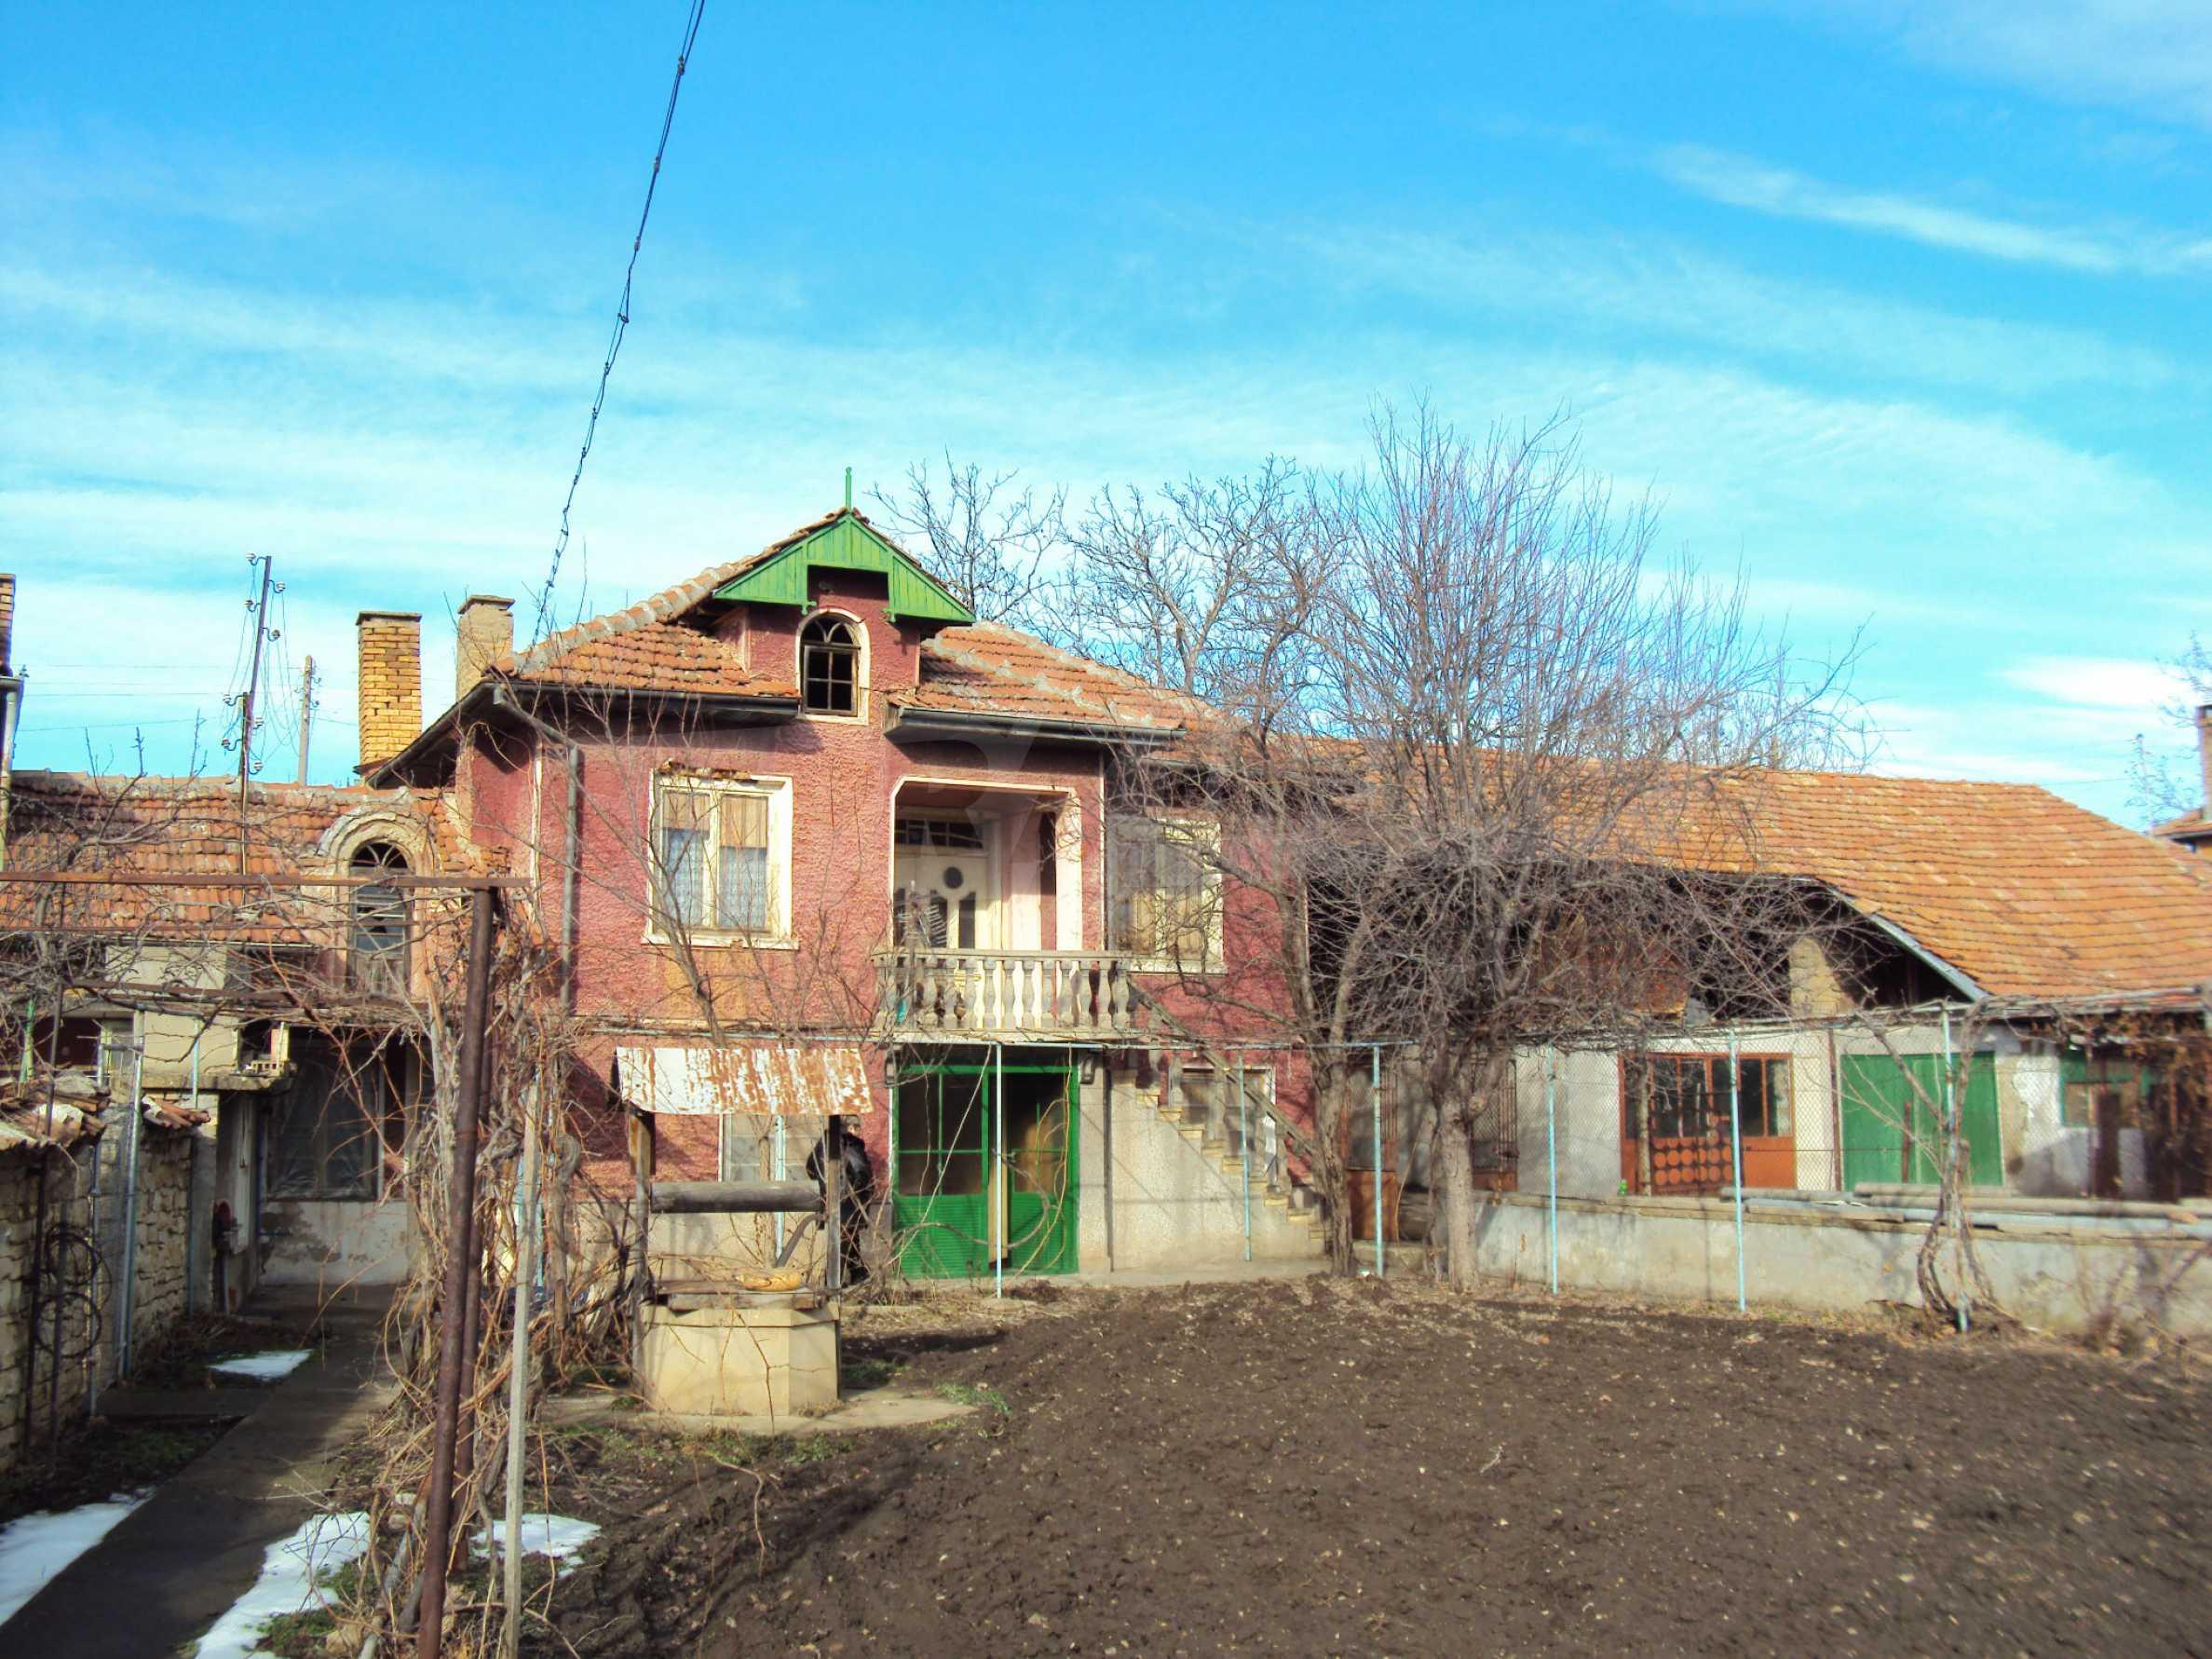 Immobilien in einem Dorf nur 12 km. von Polski Trambesh 1